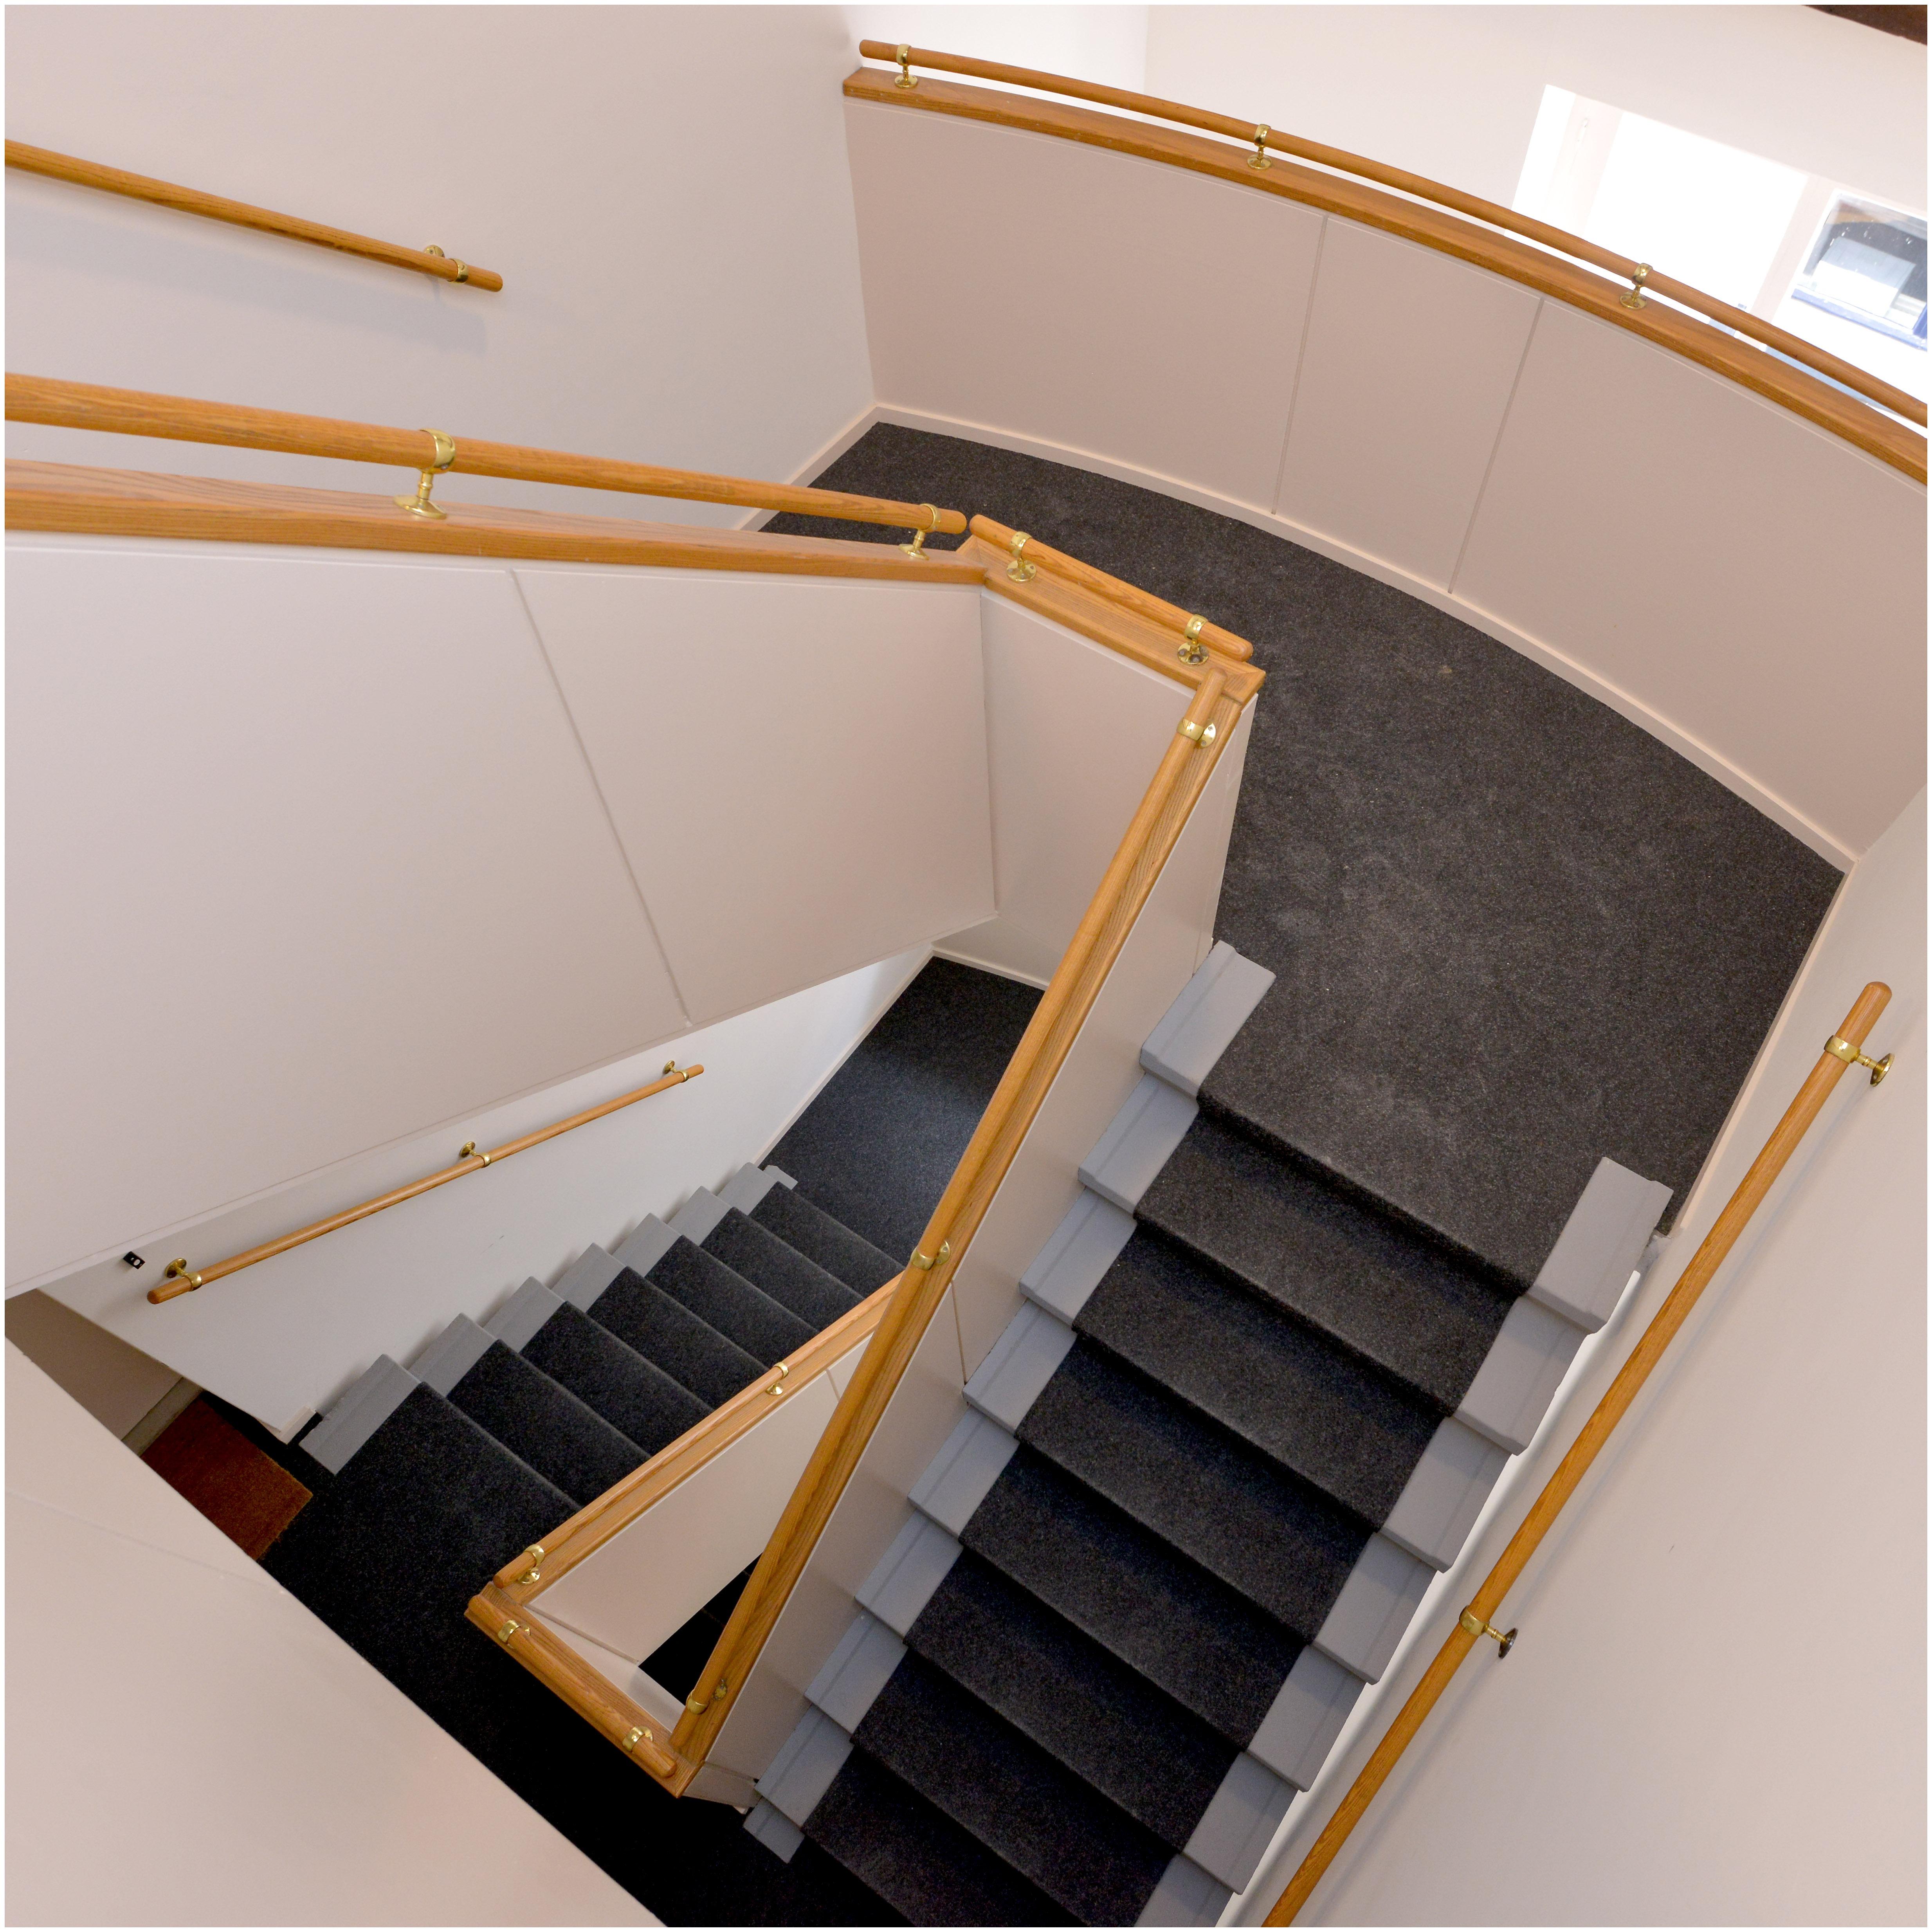 Brink 22-23 trappenhuis